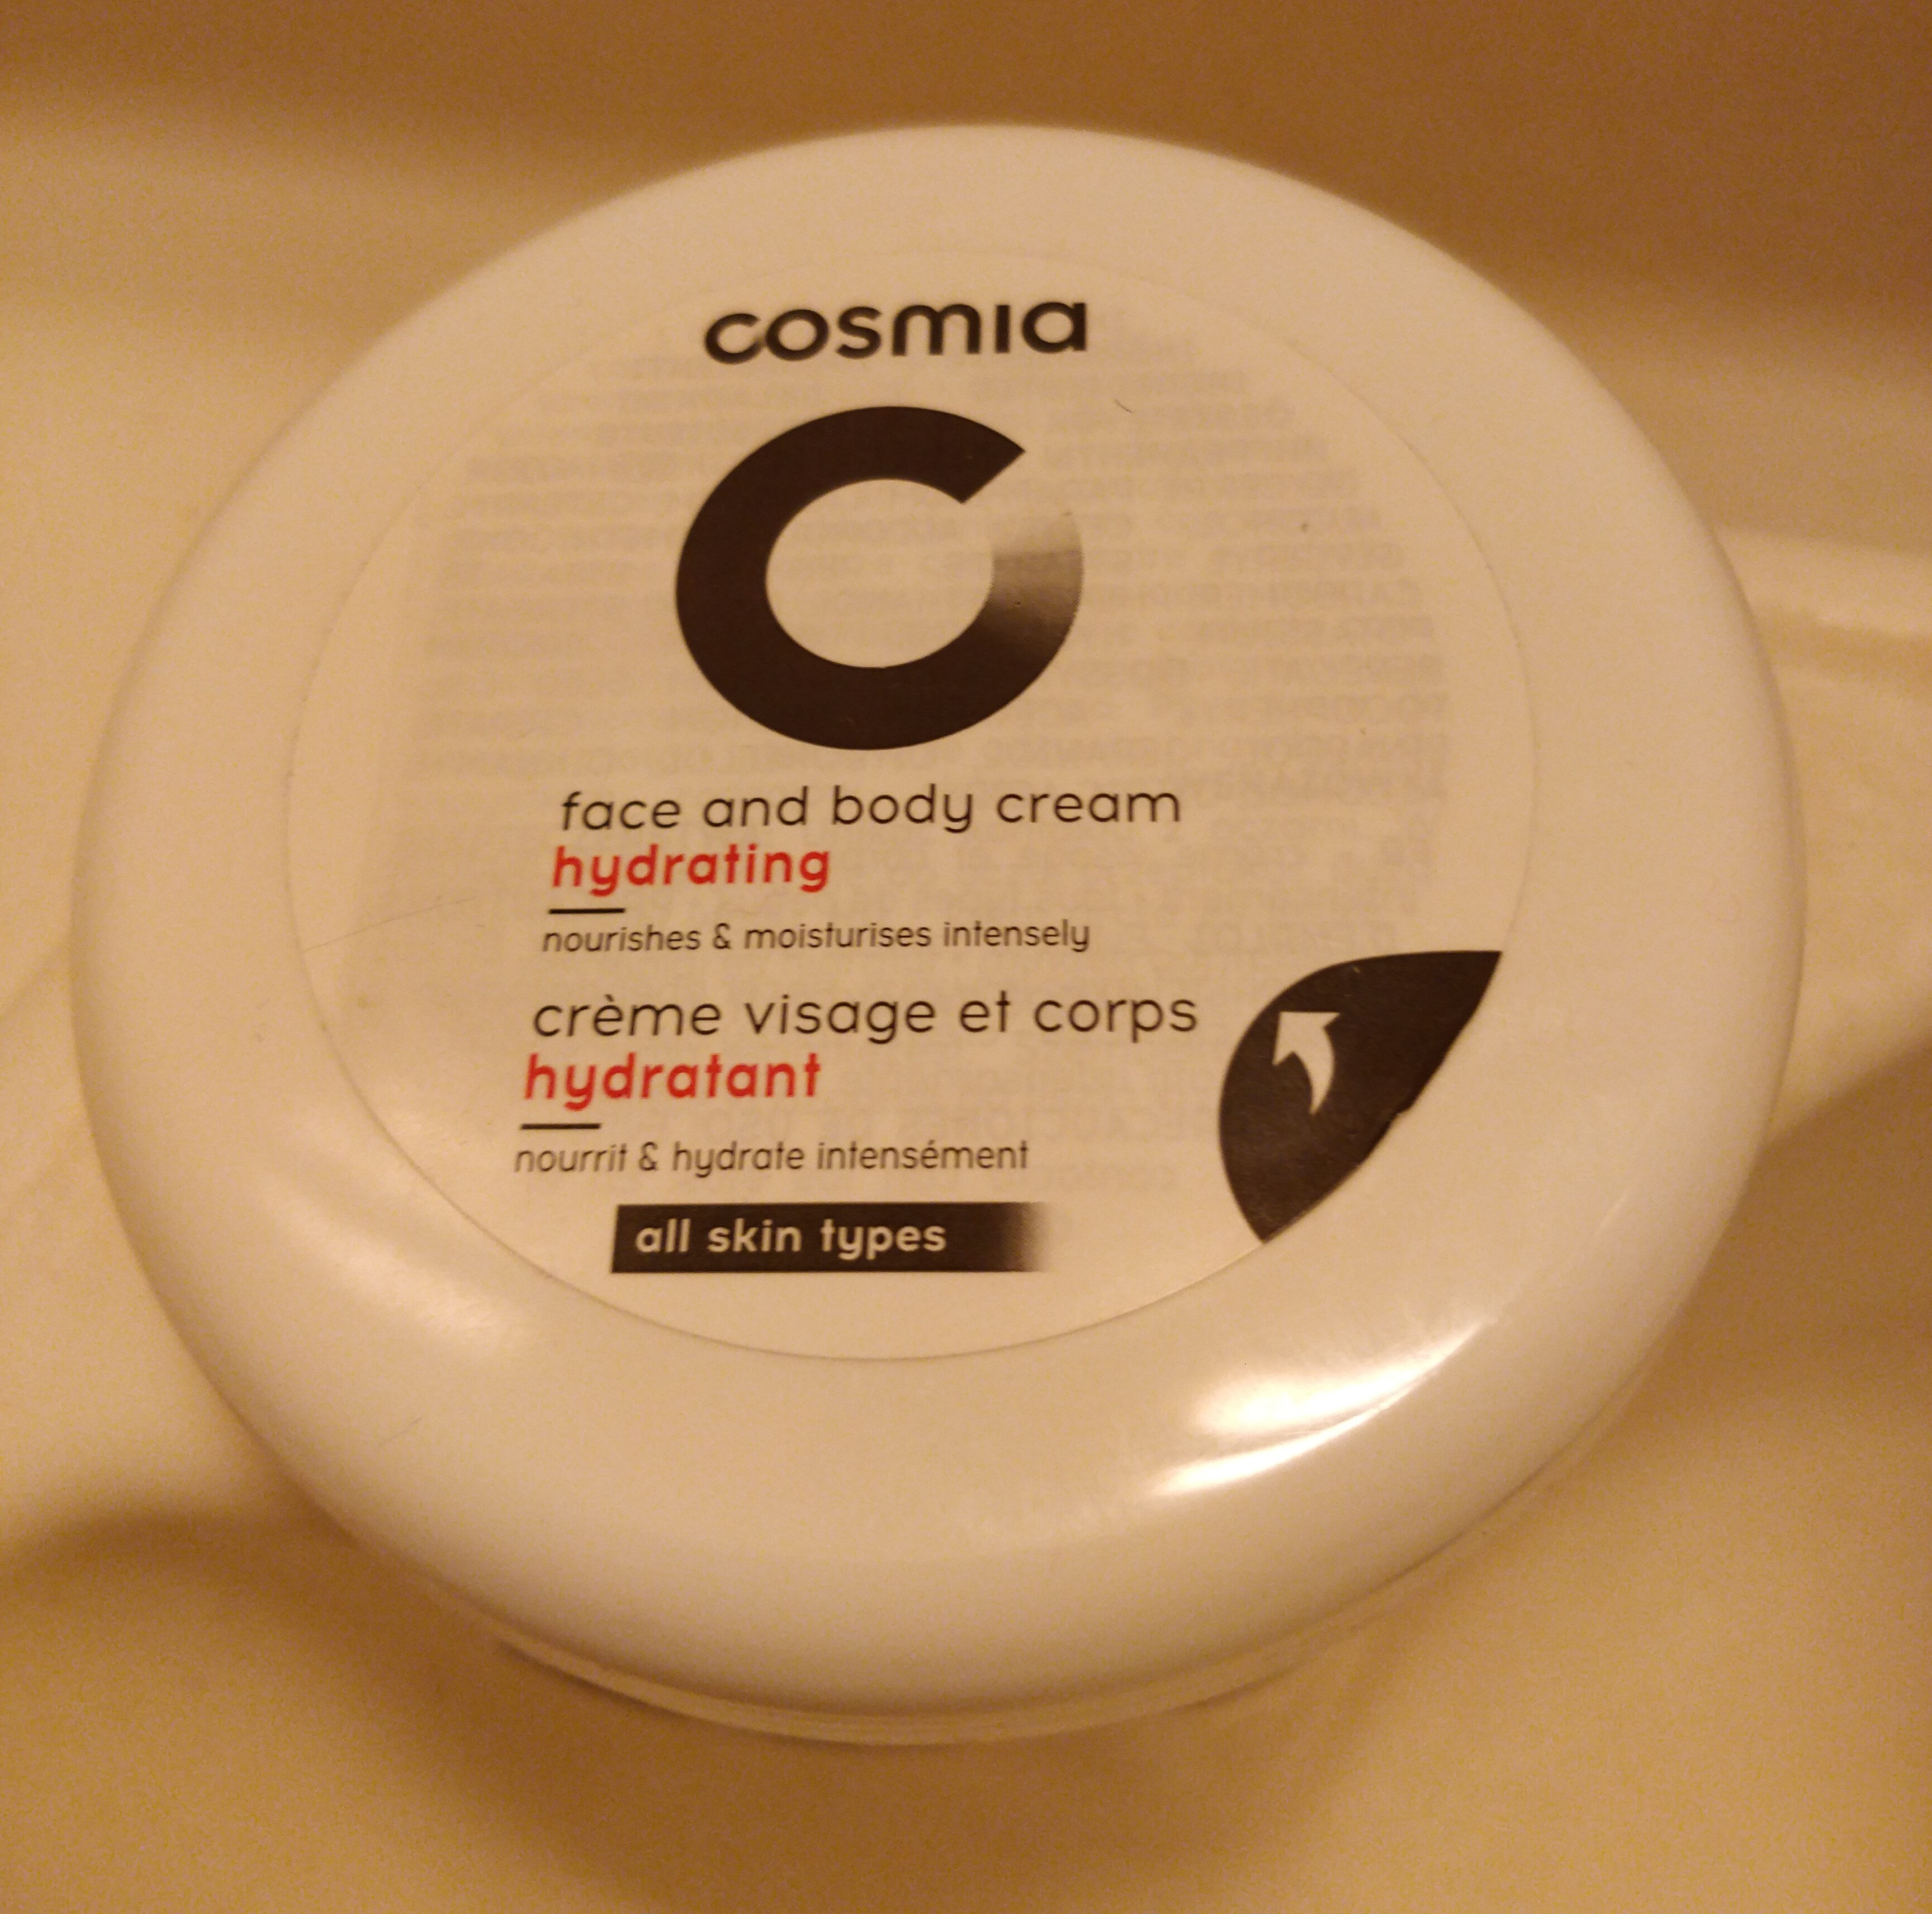 crème visage et corps hydratant - Product - fr